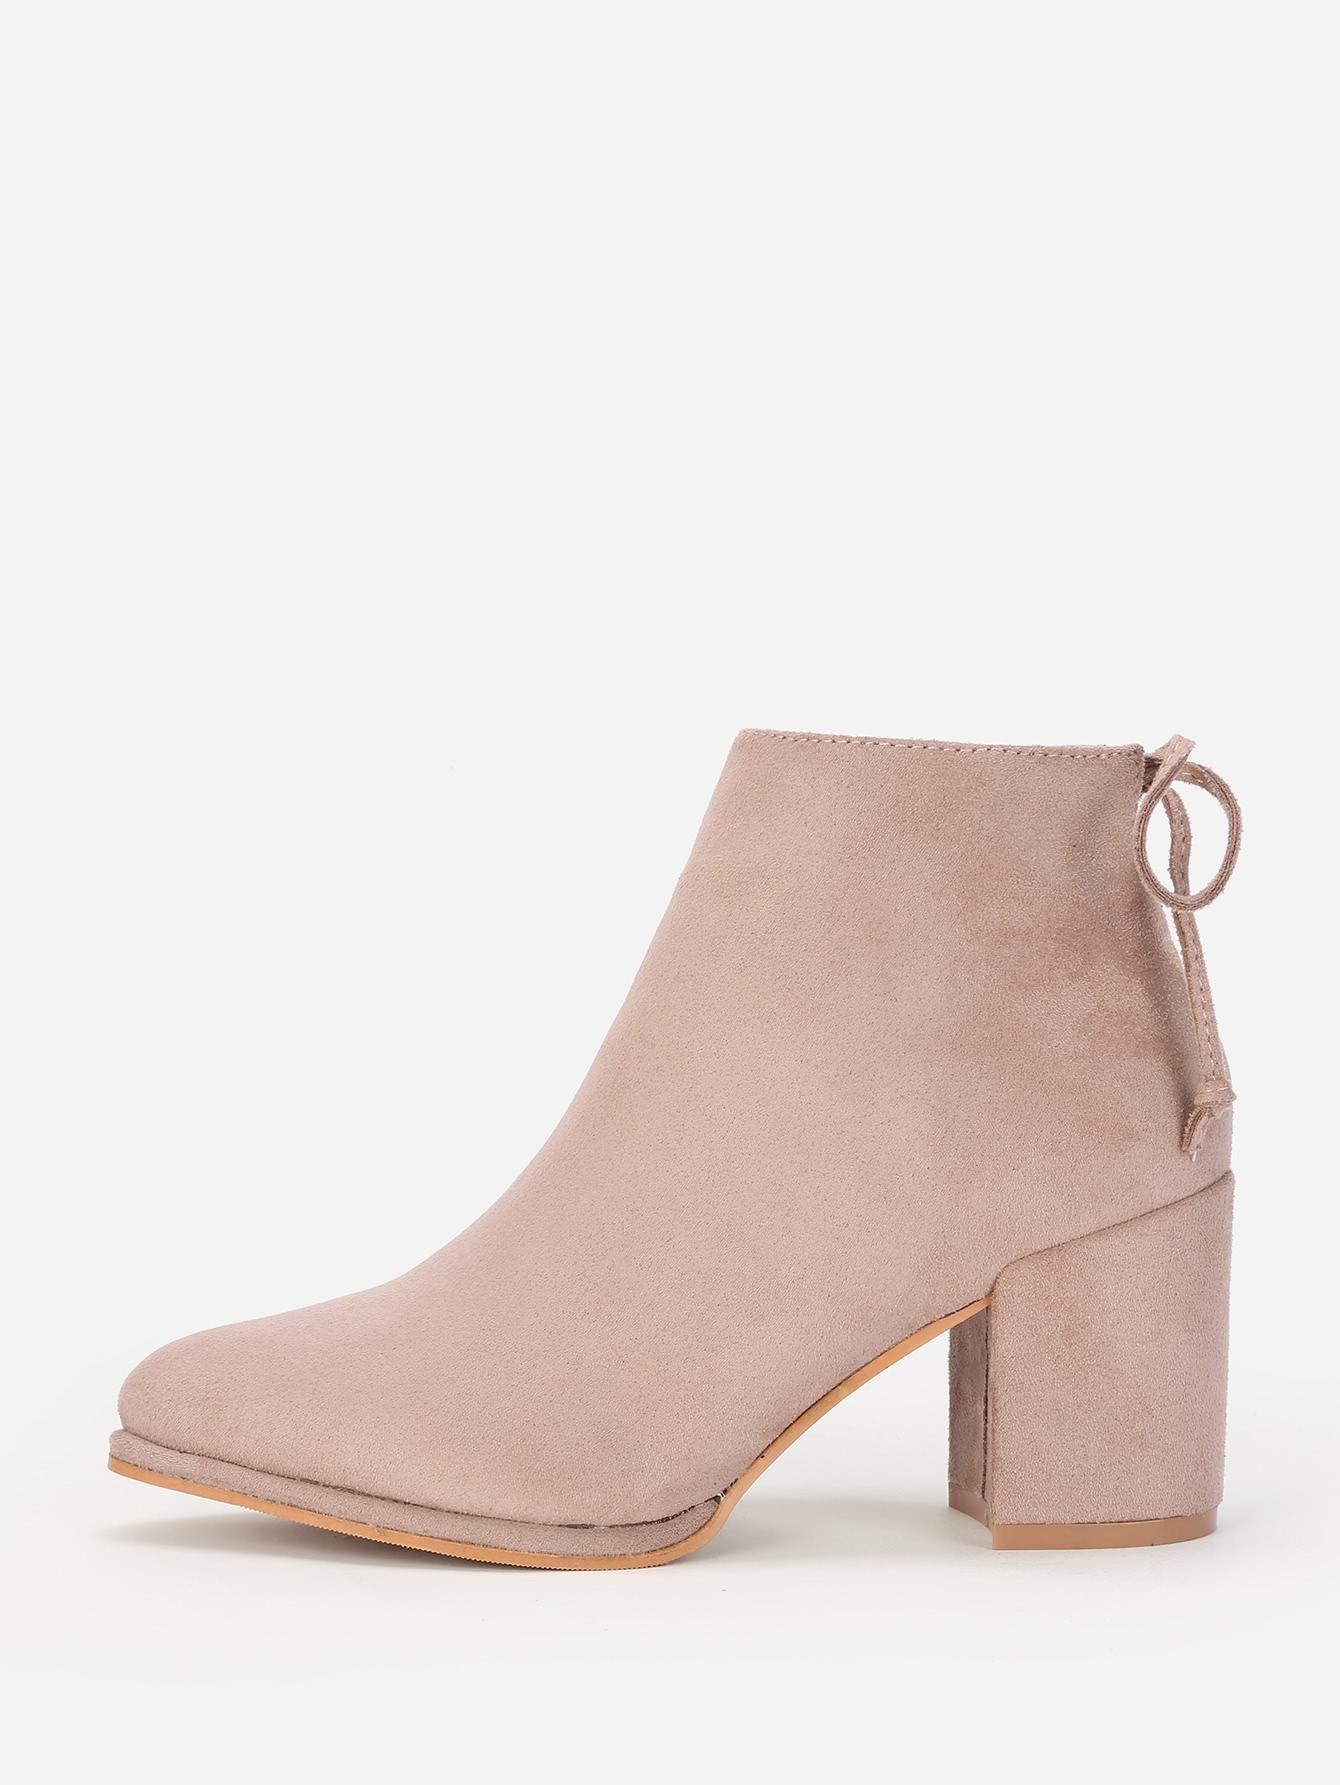 b142b19db8 ROMWE - #ROMWE Lace Up Back Block Heeled Ankle Boots - AdoreWe.com ...